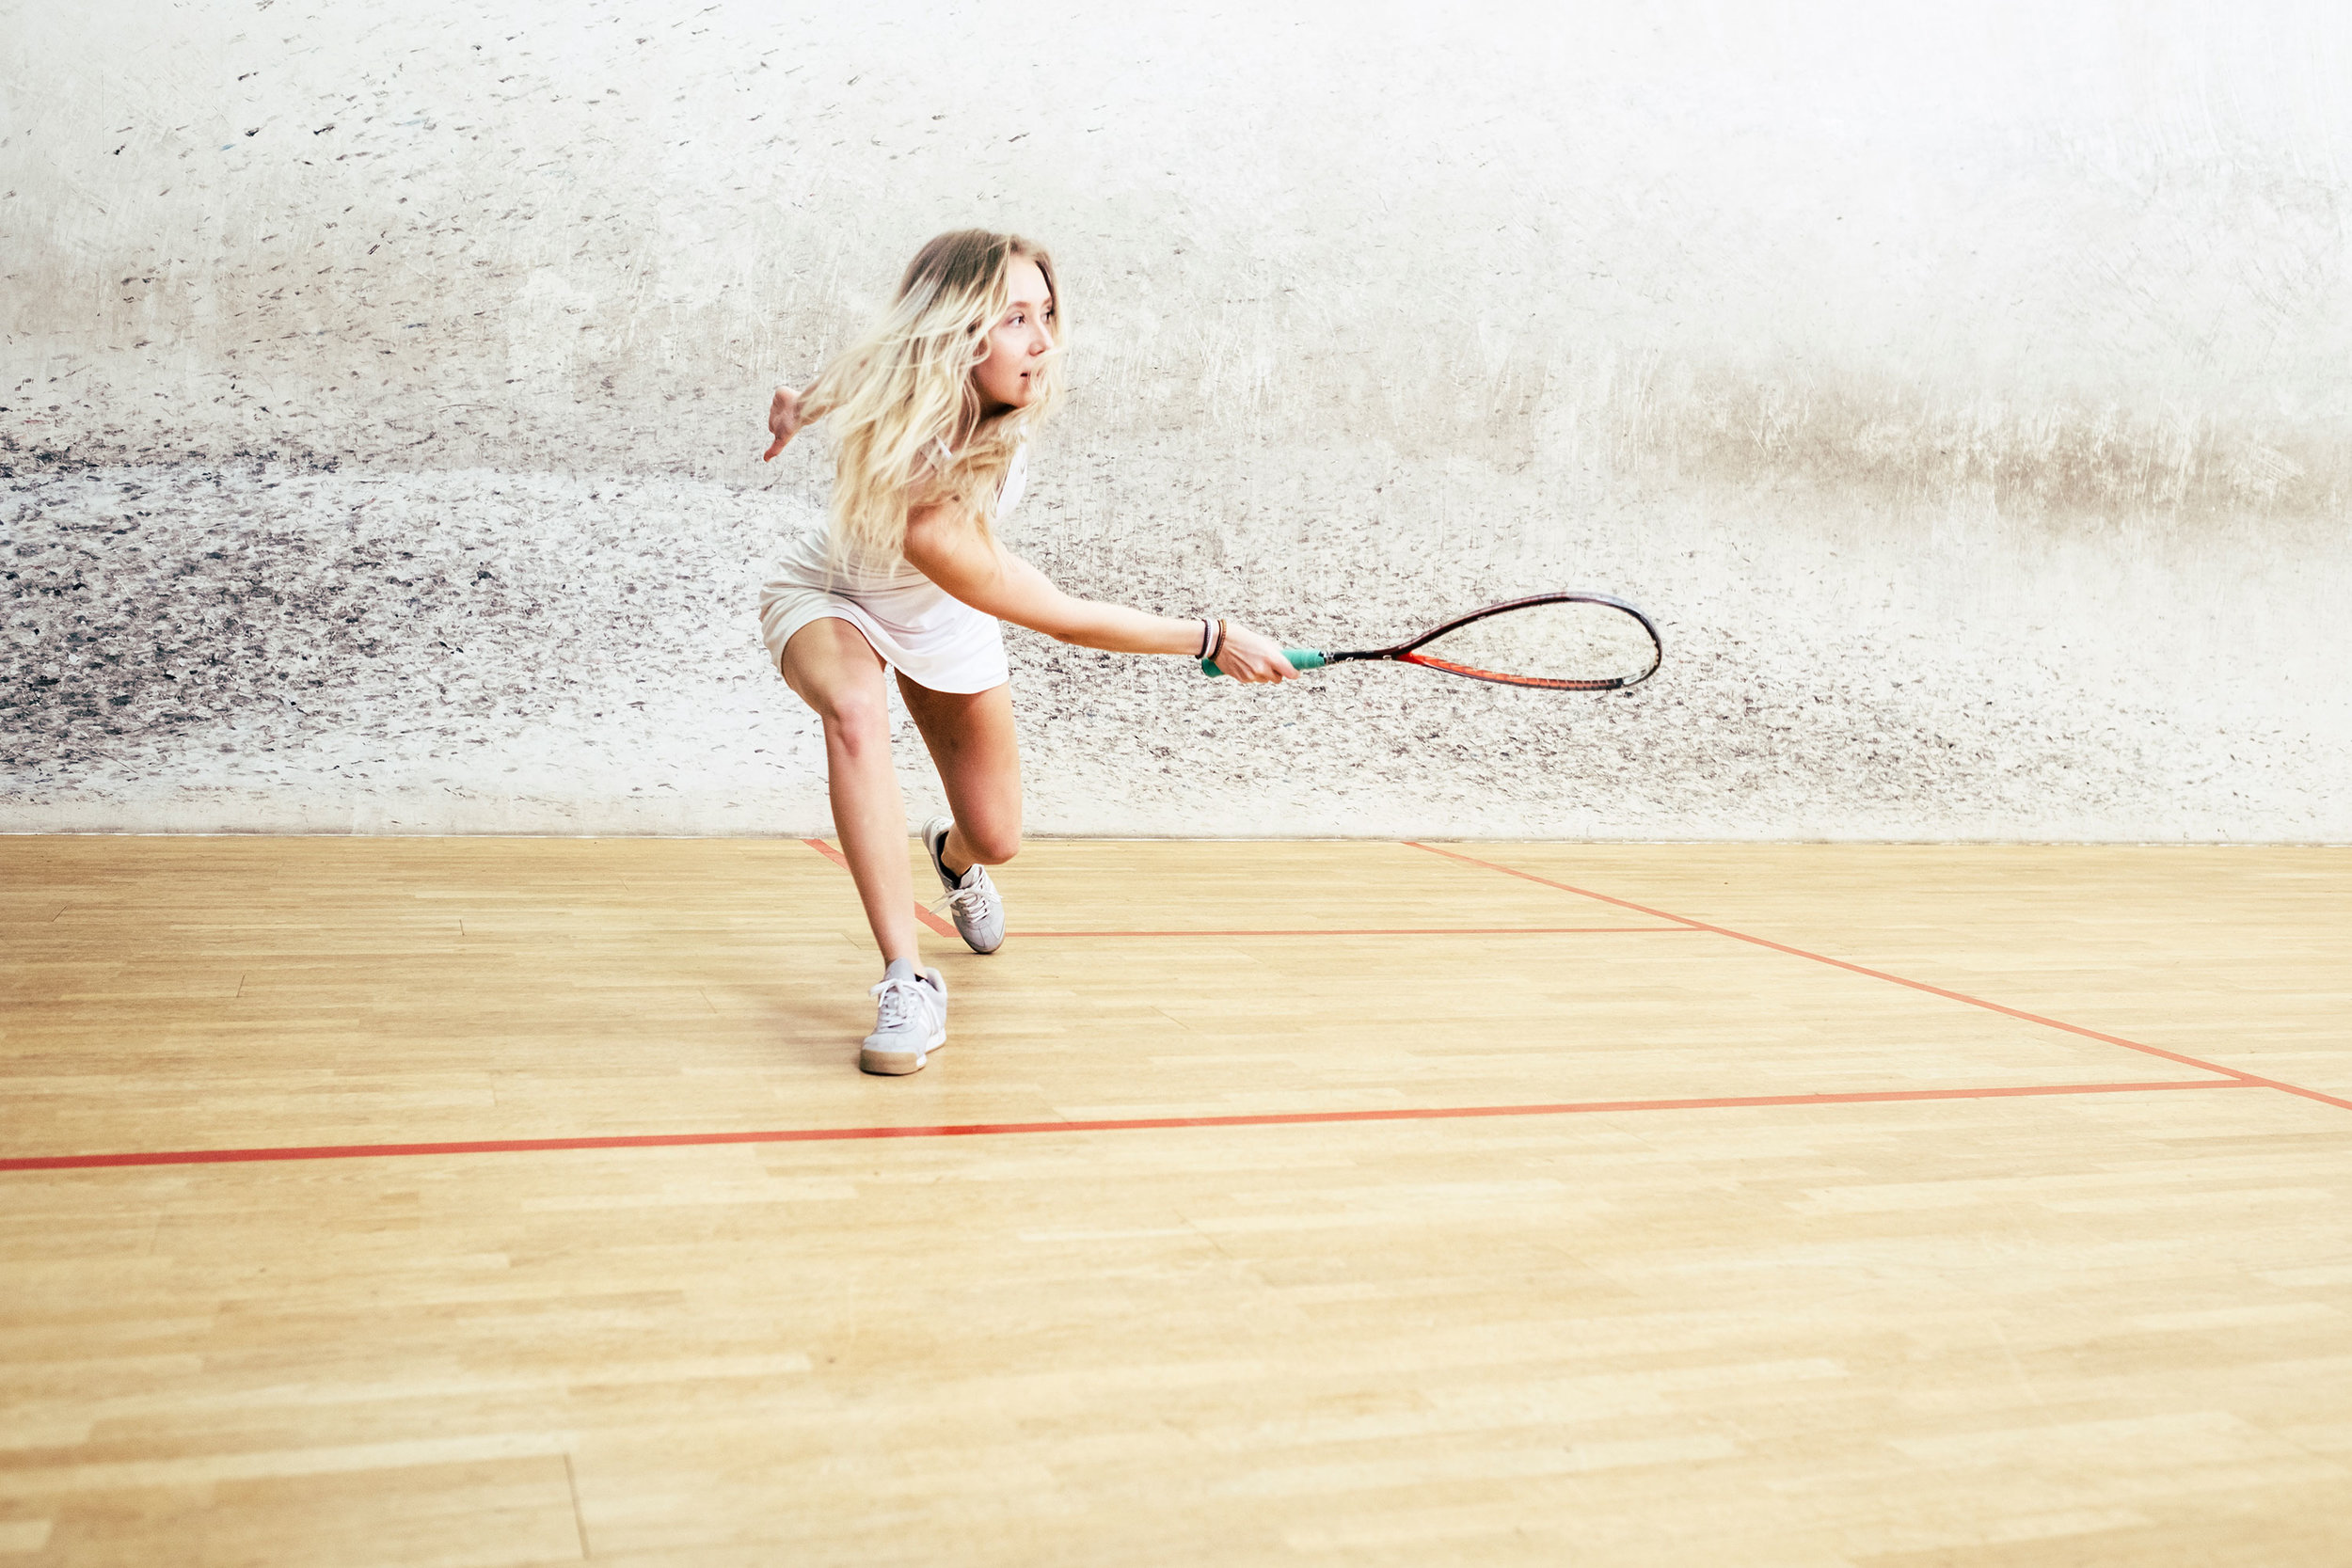 Emilia-Soini-Emppa-Squash-Player